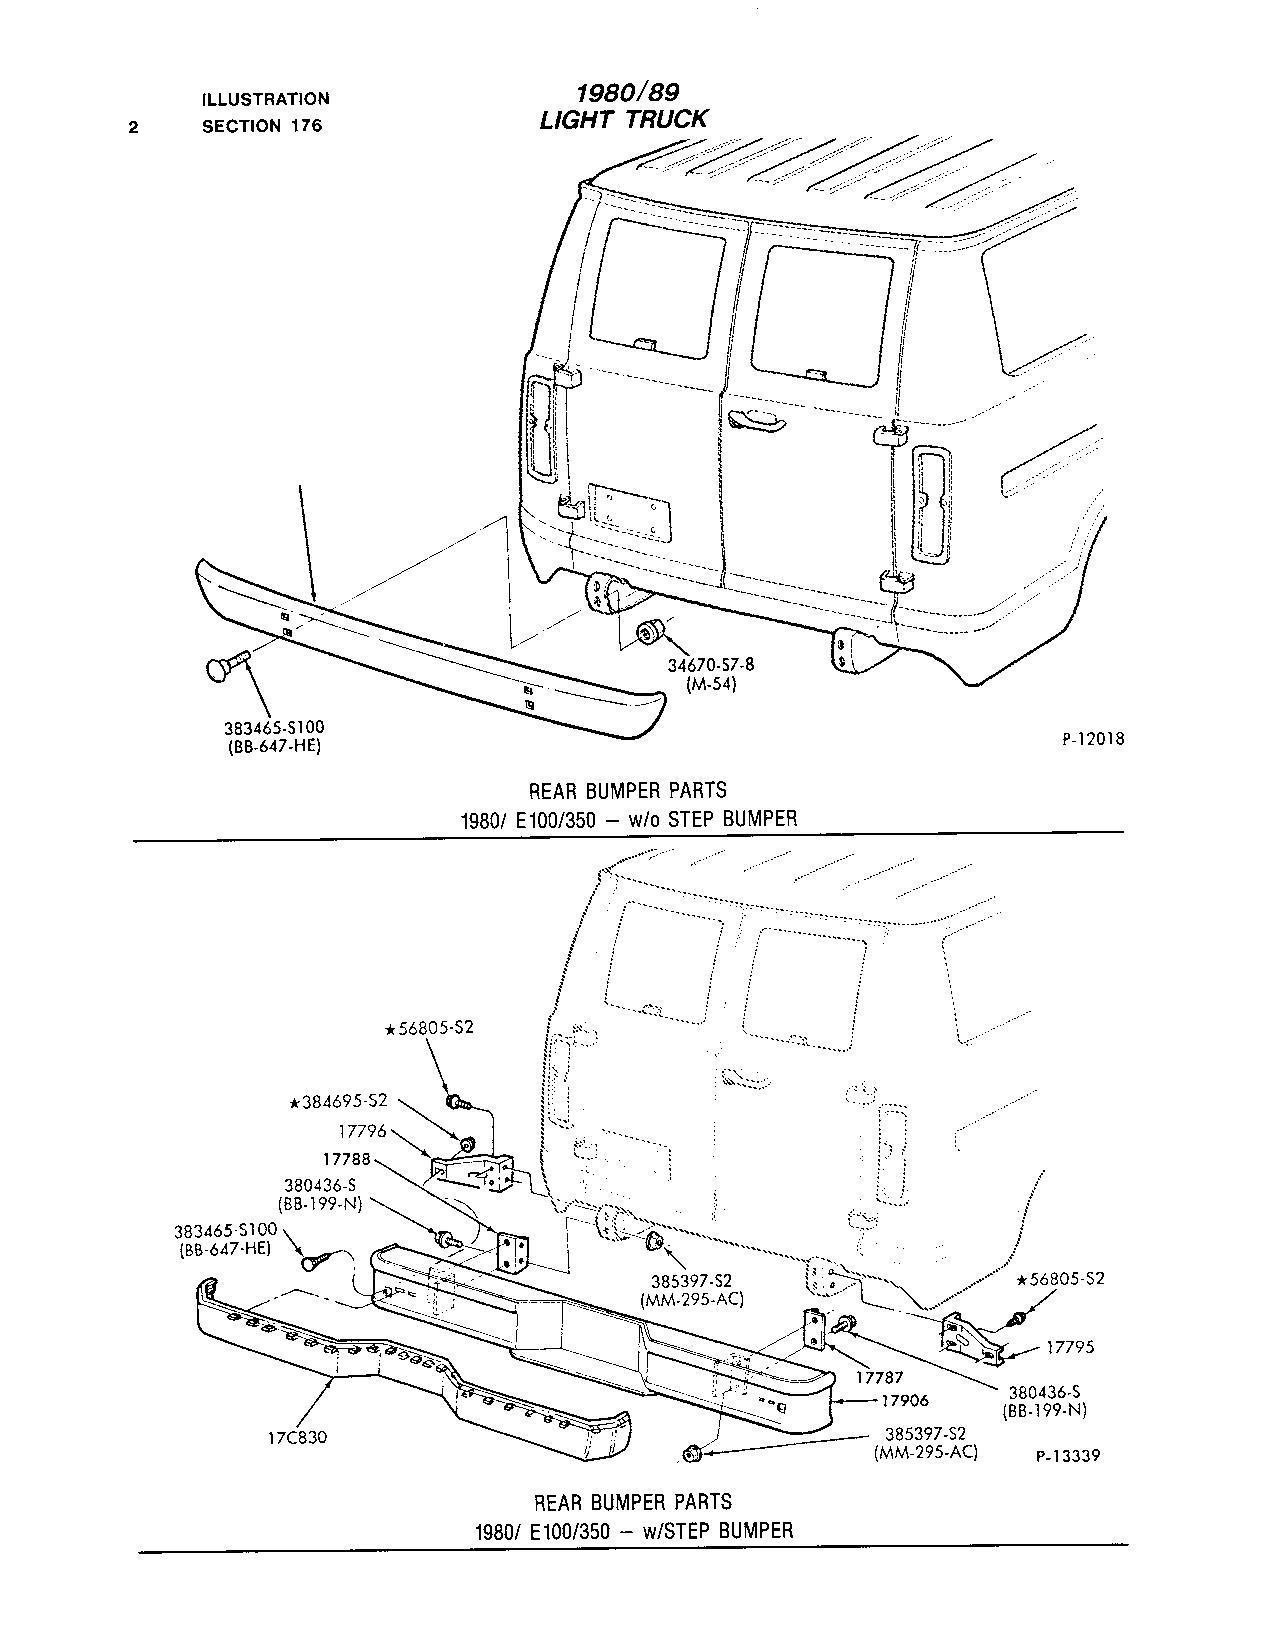 E250 Rear Bumper Fitment